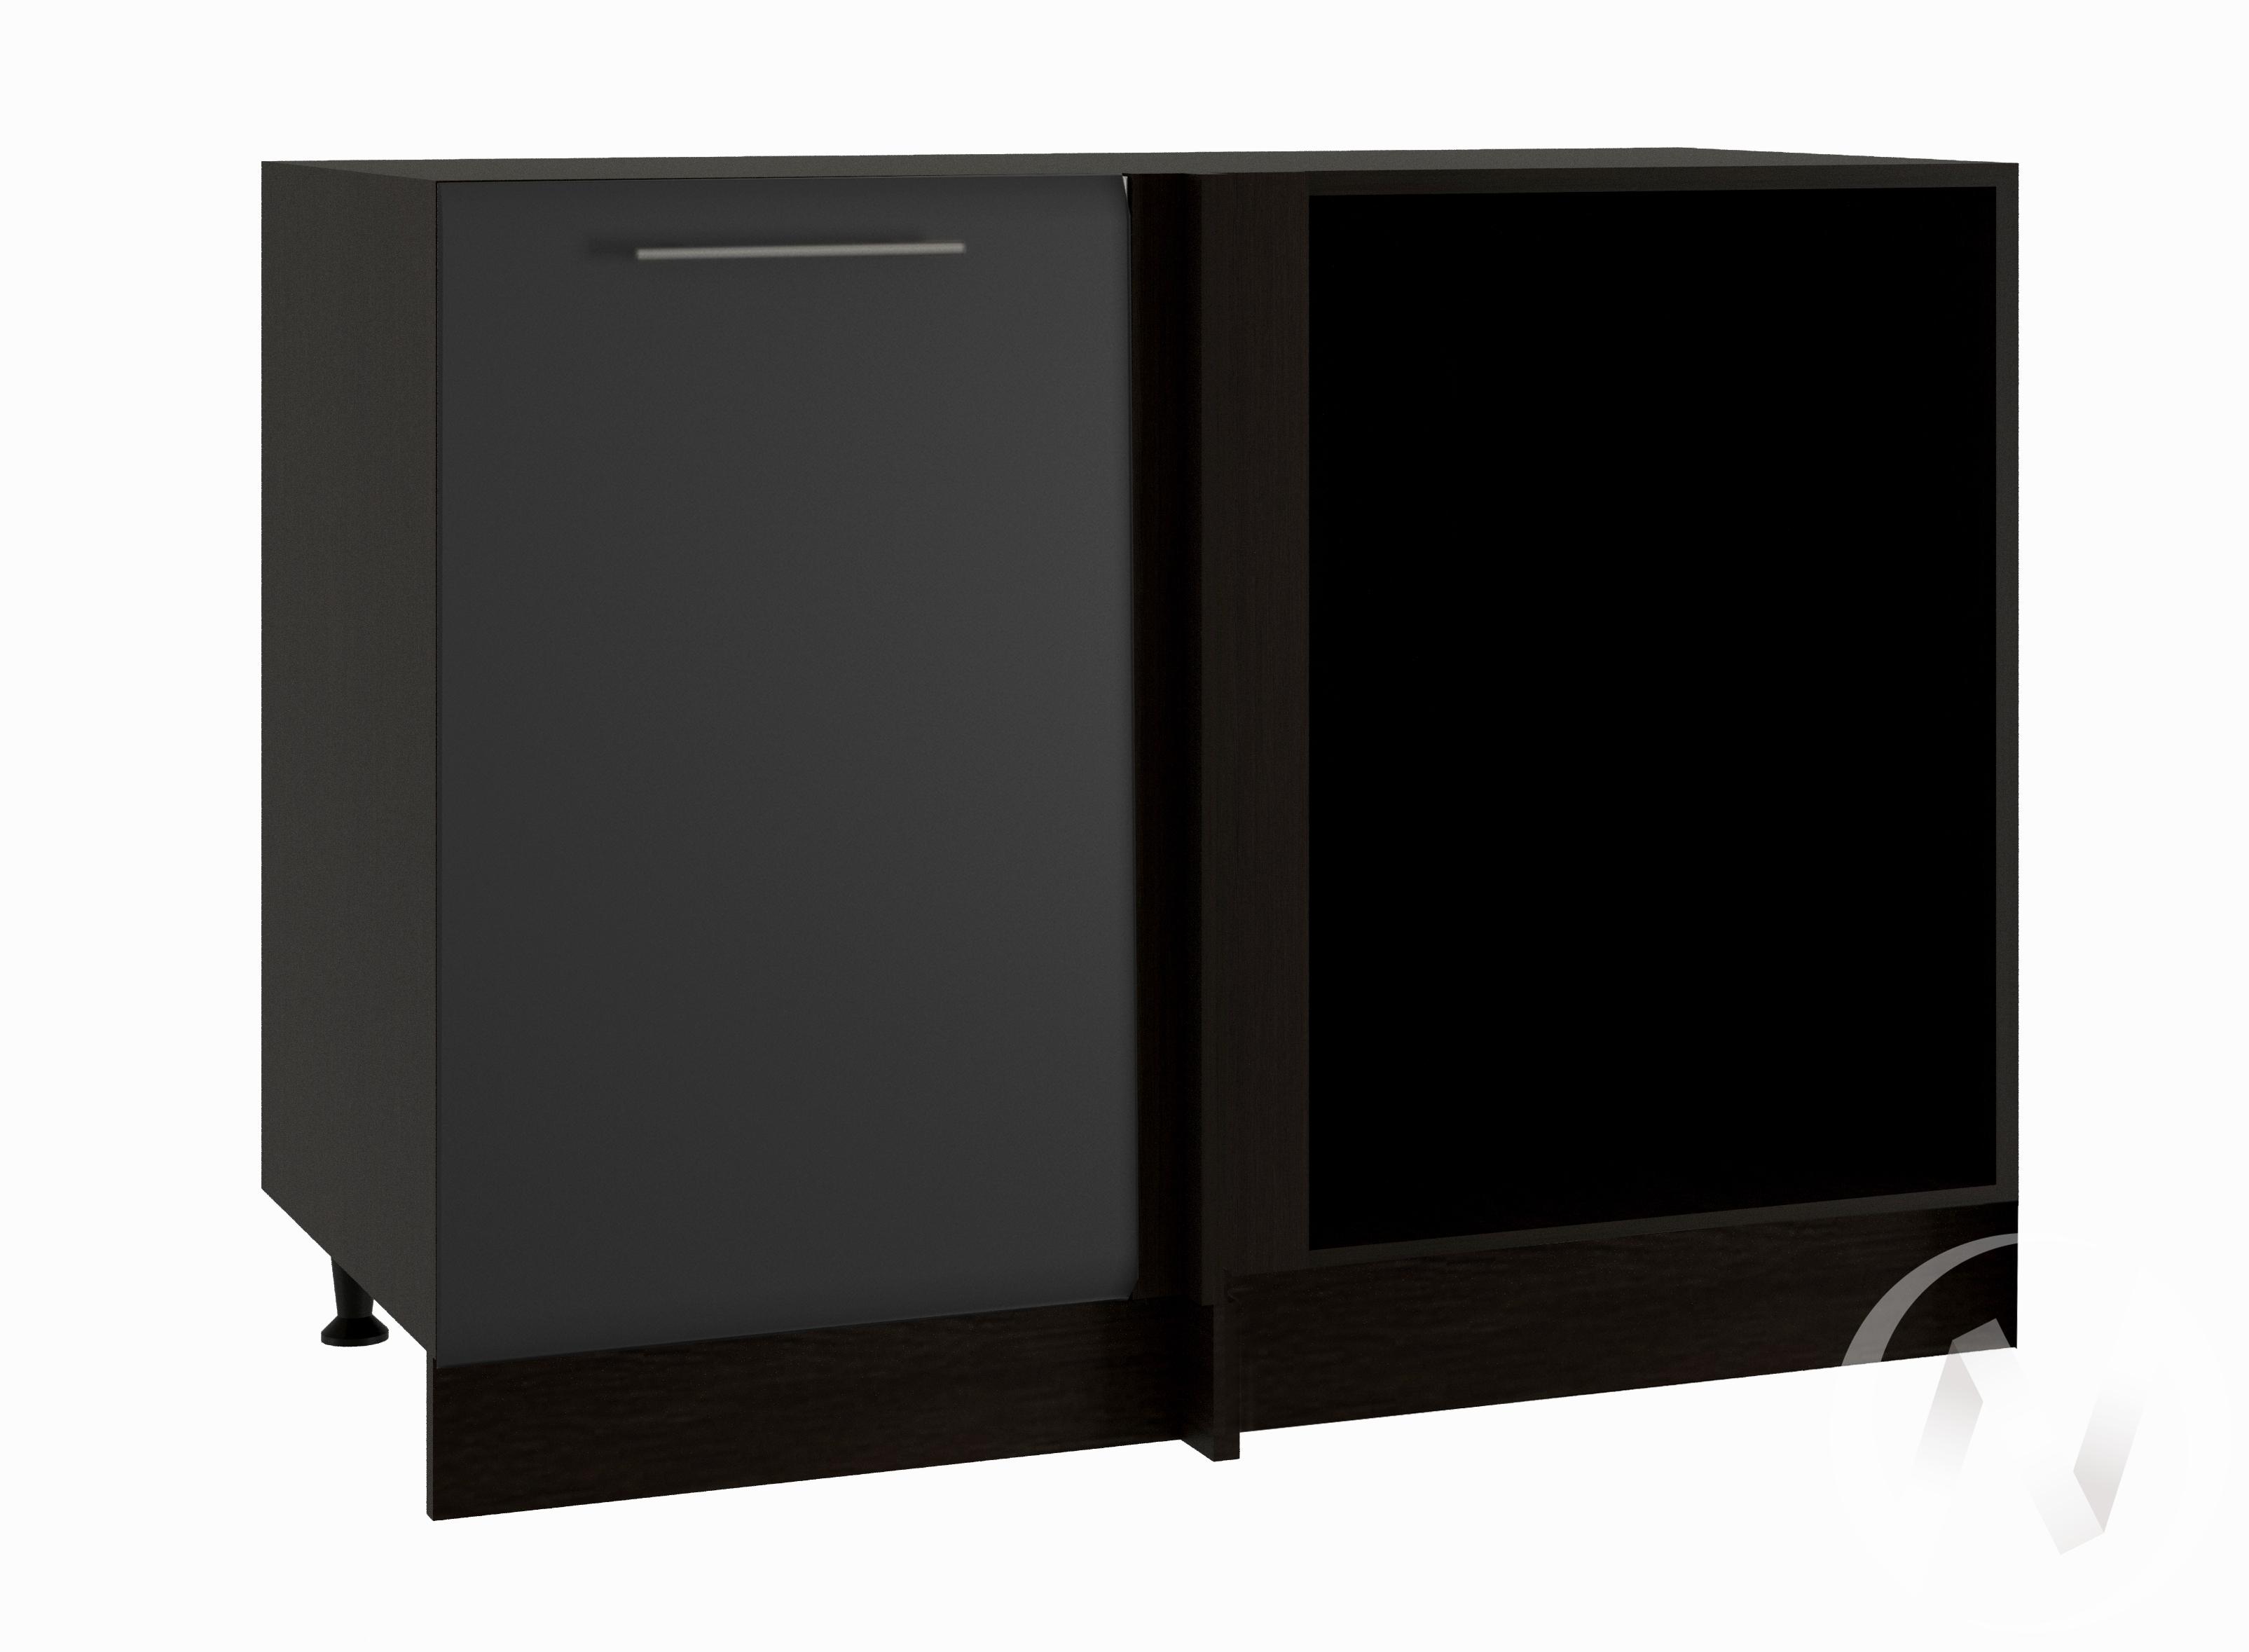 """Кухня """"Люкс"""": Шкаф нижний угловой 990, ШНУ 990 (Шелк венге/корпус венге)"""